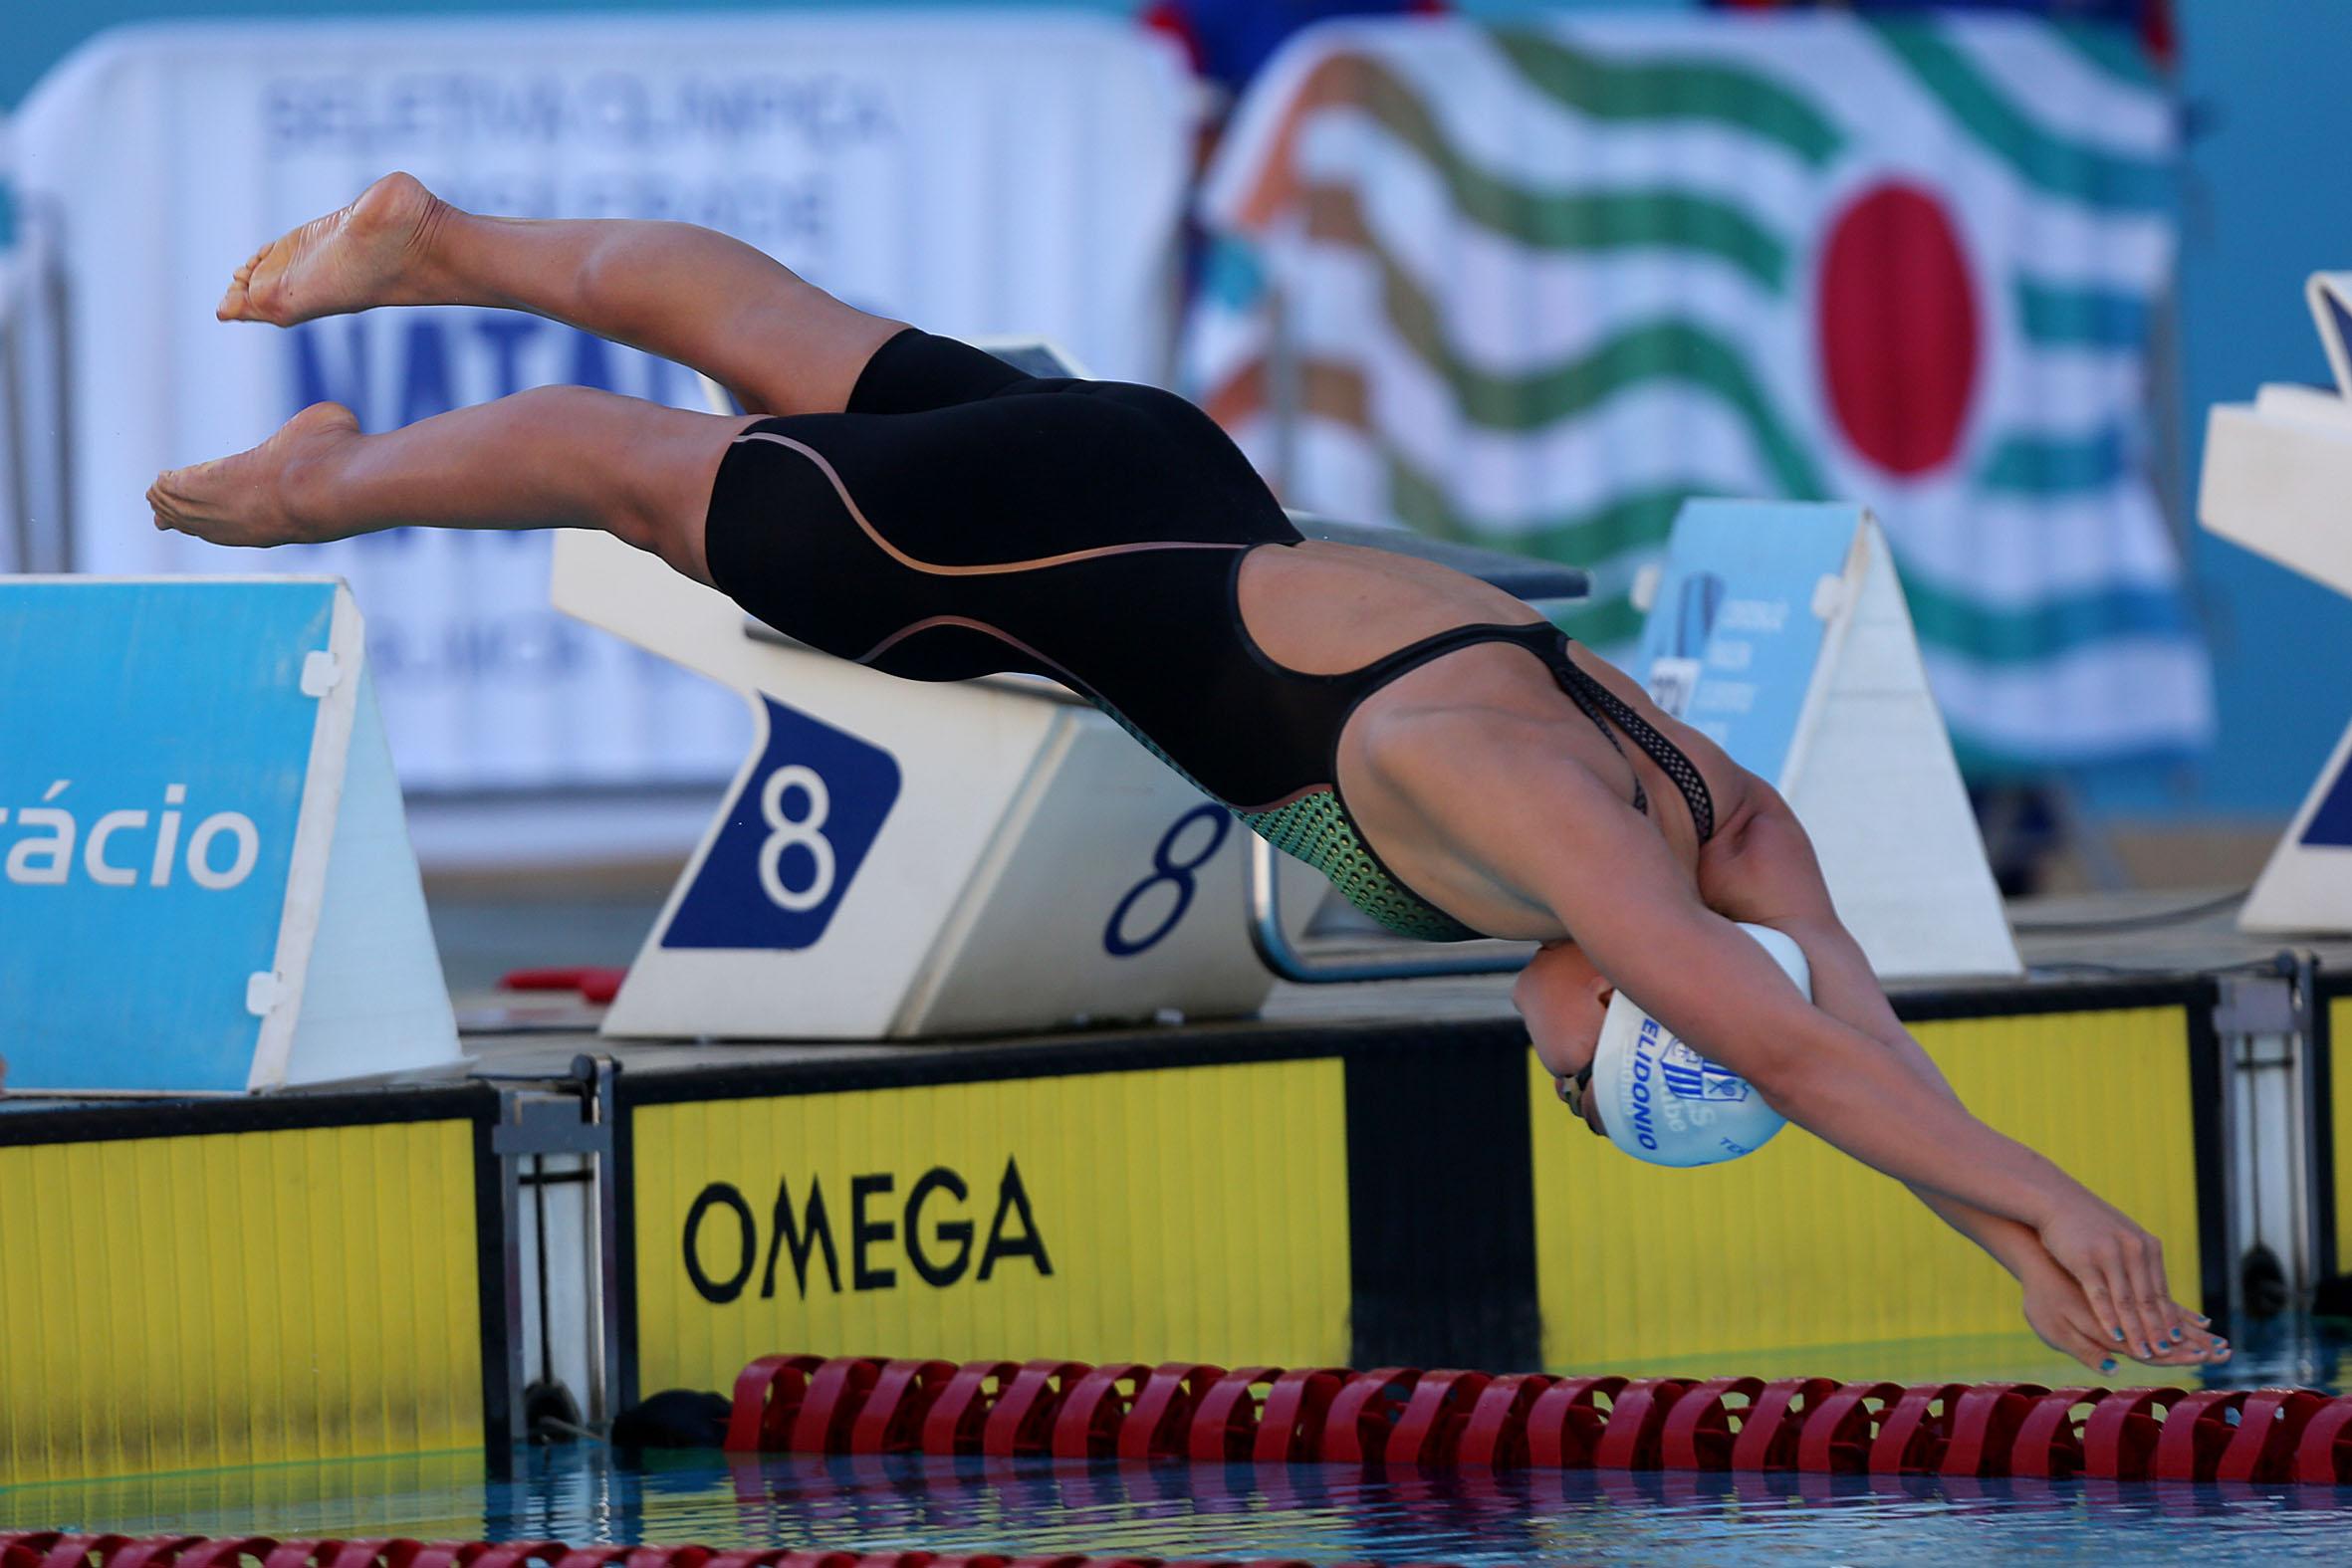 Atletas disputaram penúltima etapa de eliminatórias da Seletiva Olímpica / Fotos: Ricardo Sodré/MTC